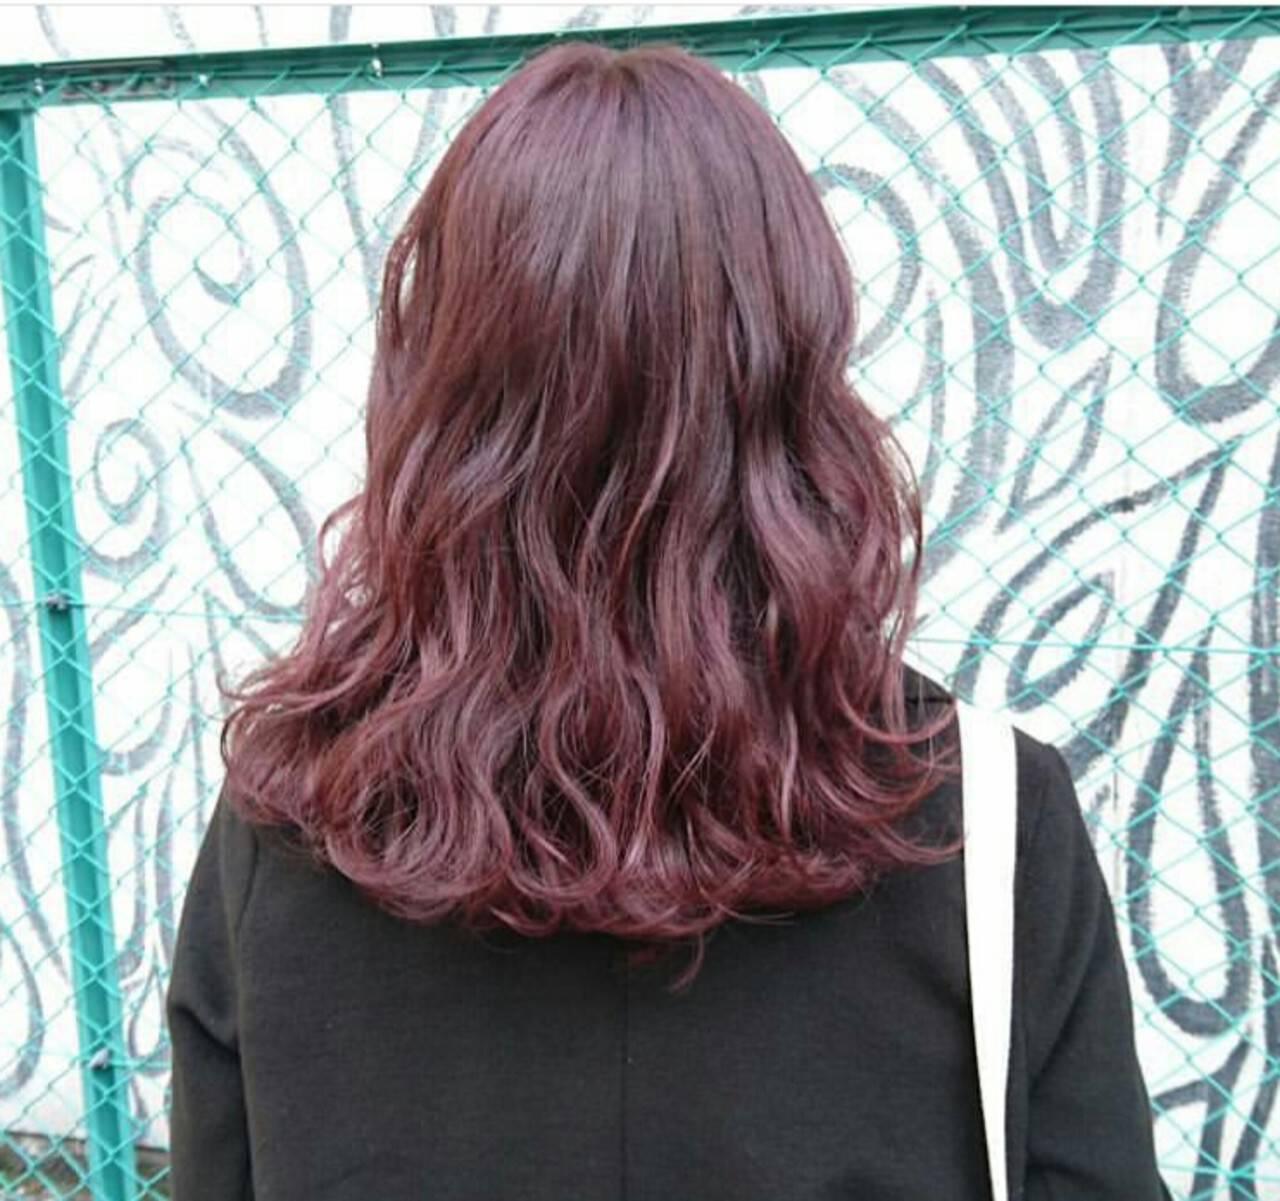 ピンク ストリート ダブルカラー ベージュヘアスタイルや髪型の写真・画像